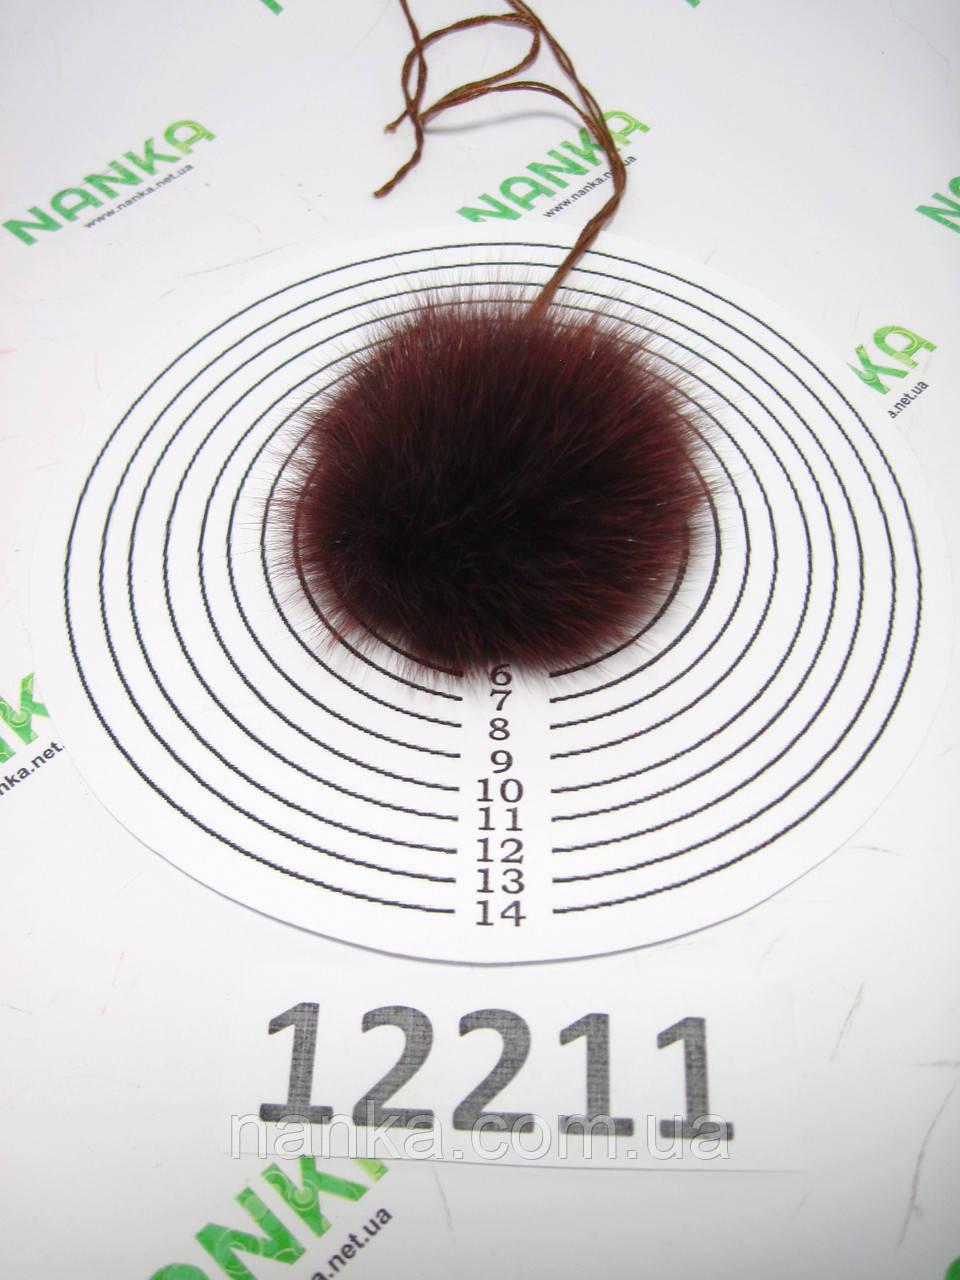 Меховой помпон Песец, Бордо, 6 см, 12211